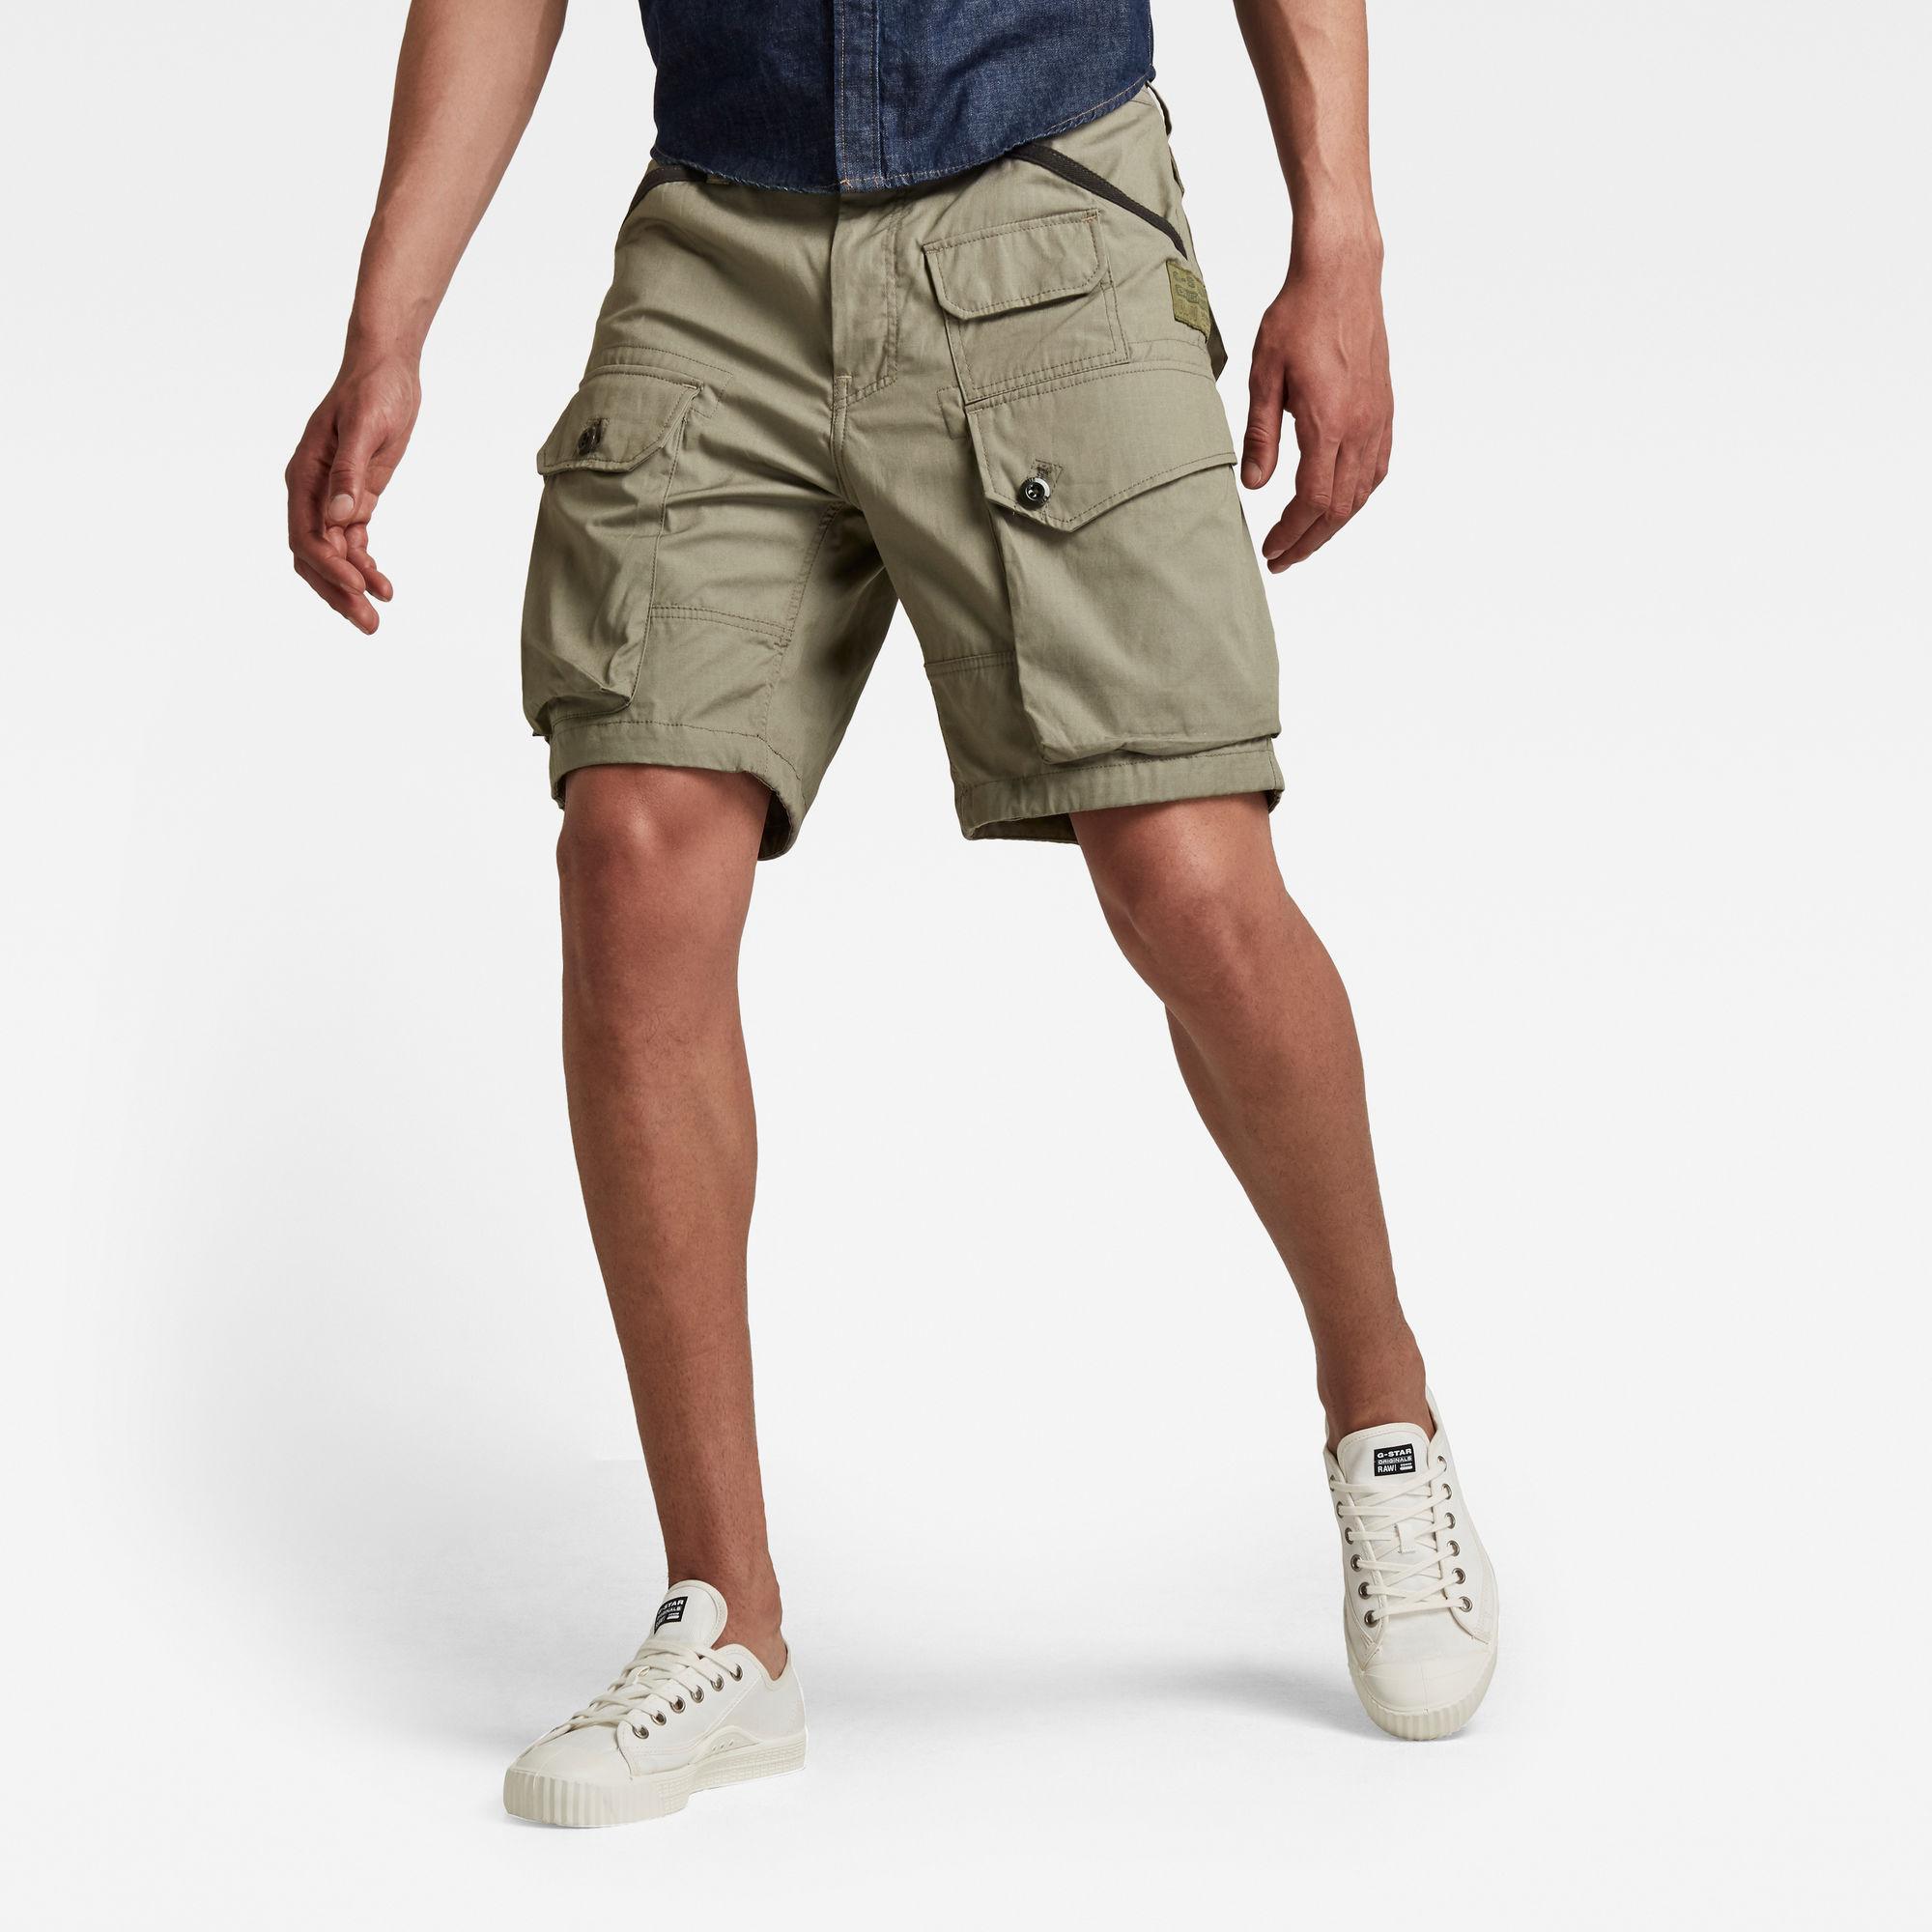 G-Star RAW Heren Jungle Cargo Short Groen